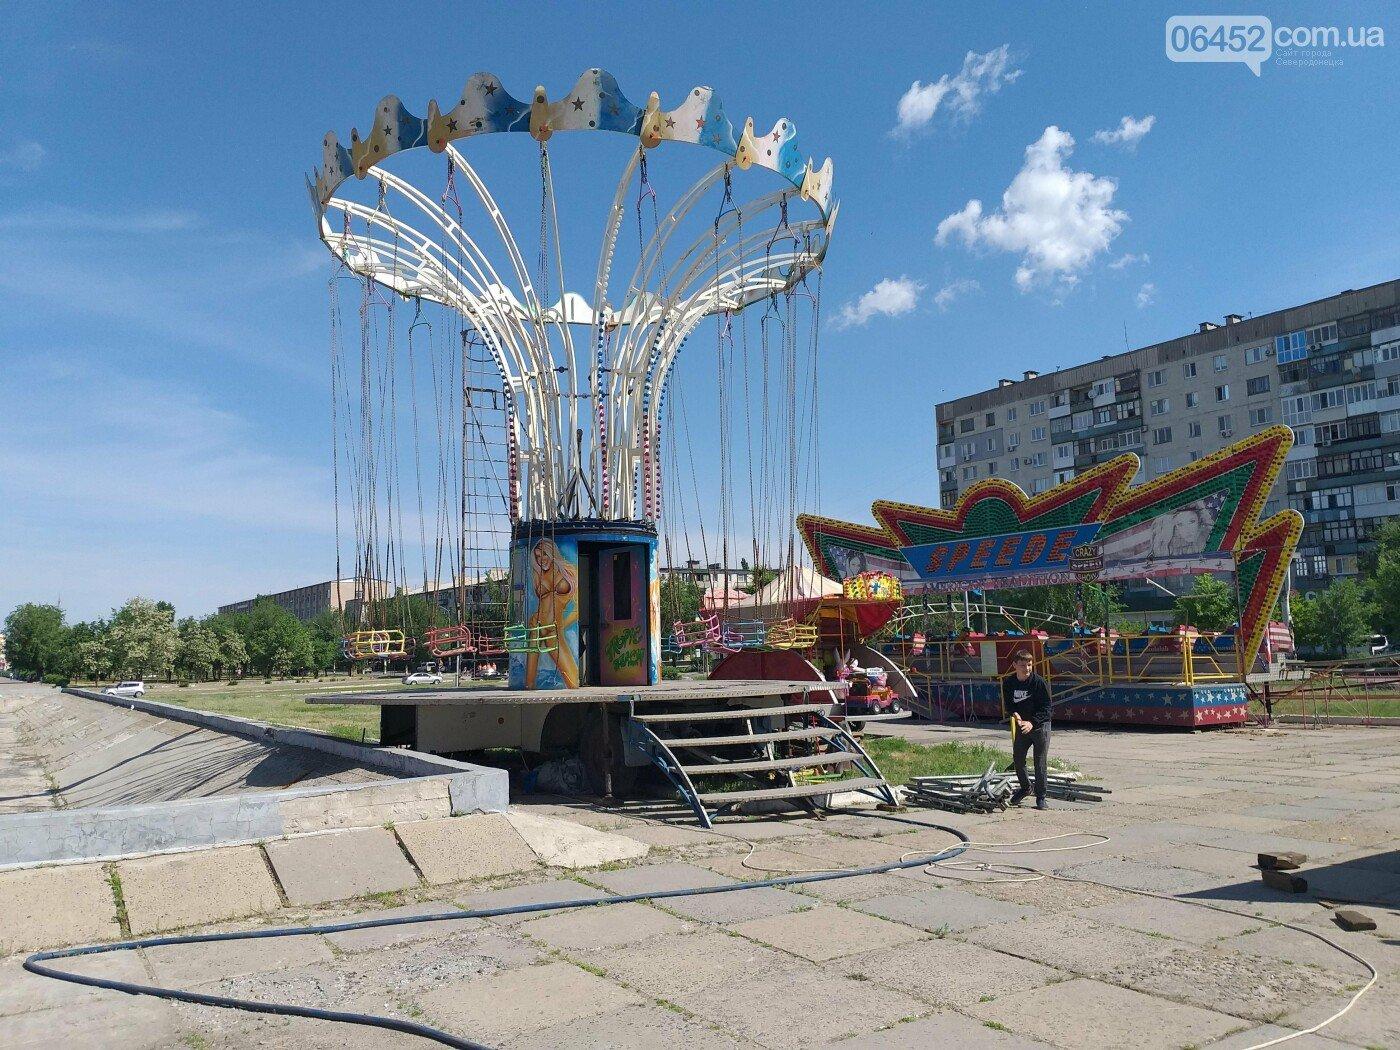 Двойной праздник: куда и когда пойти северодончанам и гостям города в эти выходные, фото-3